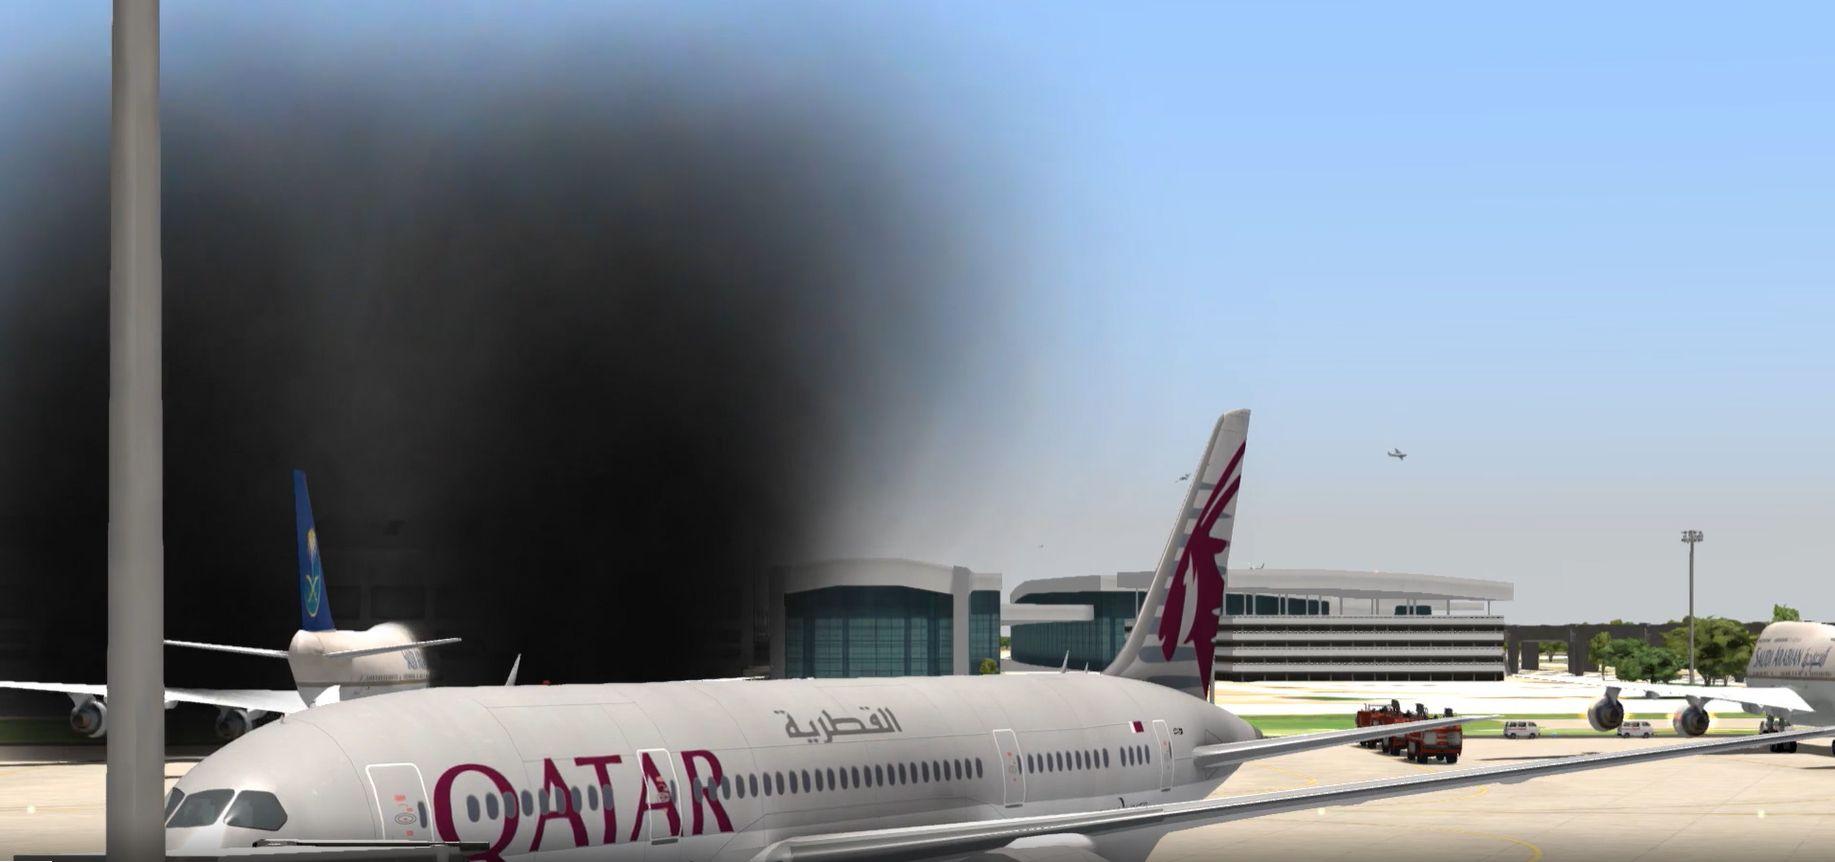 civil-qatar-lufthansa-saudi-fire